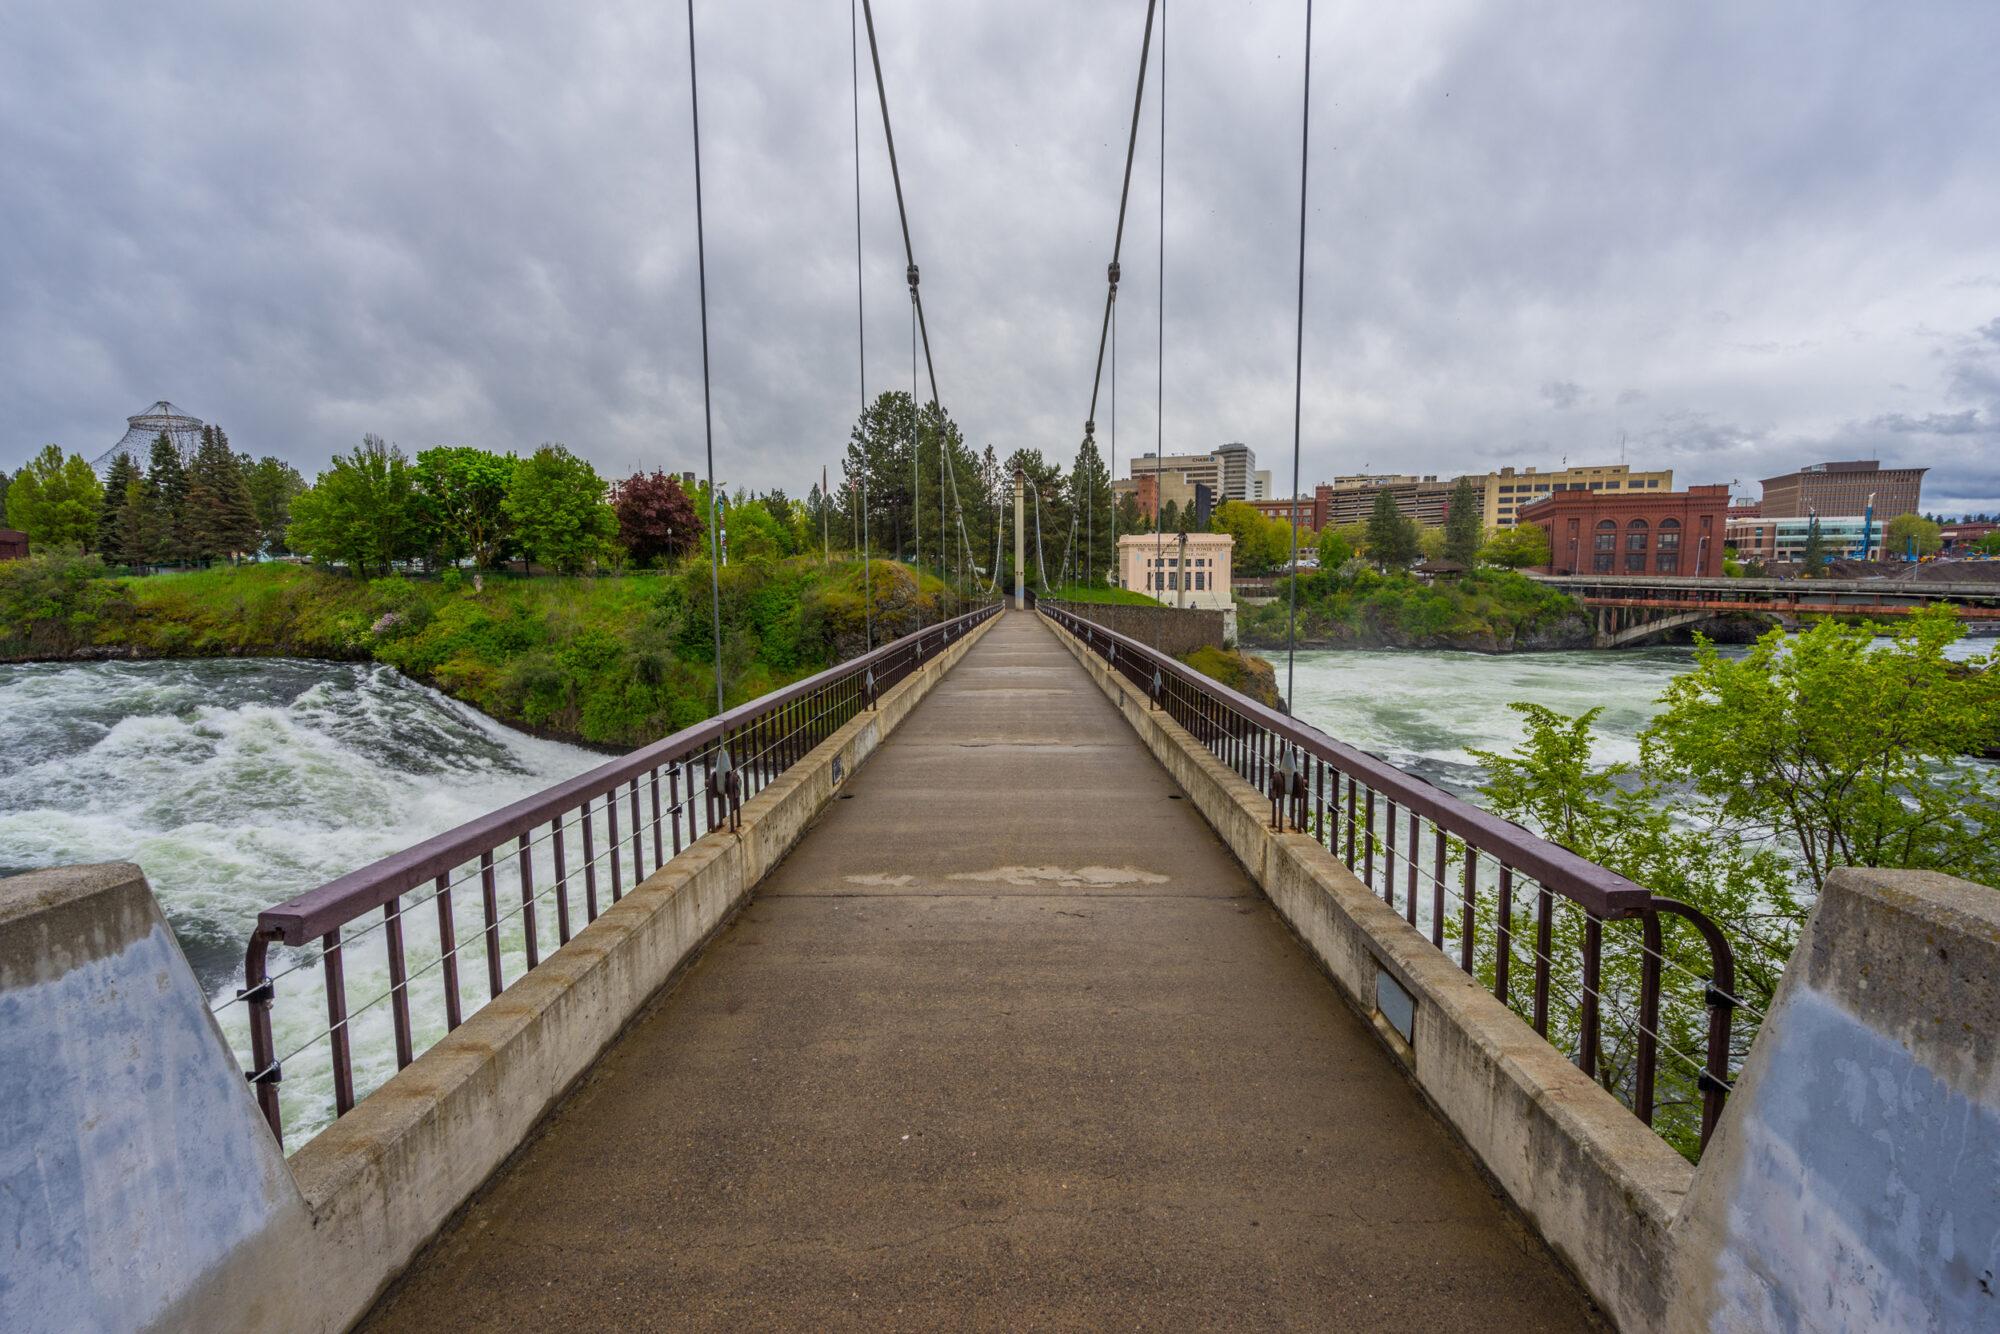 Downtown Spokane River Pedestrian Bridge